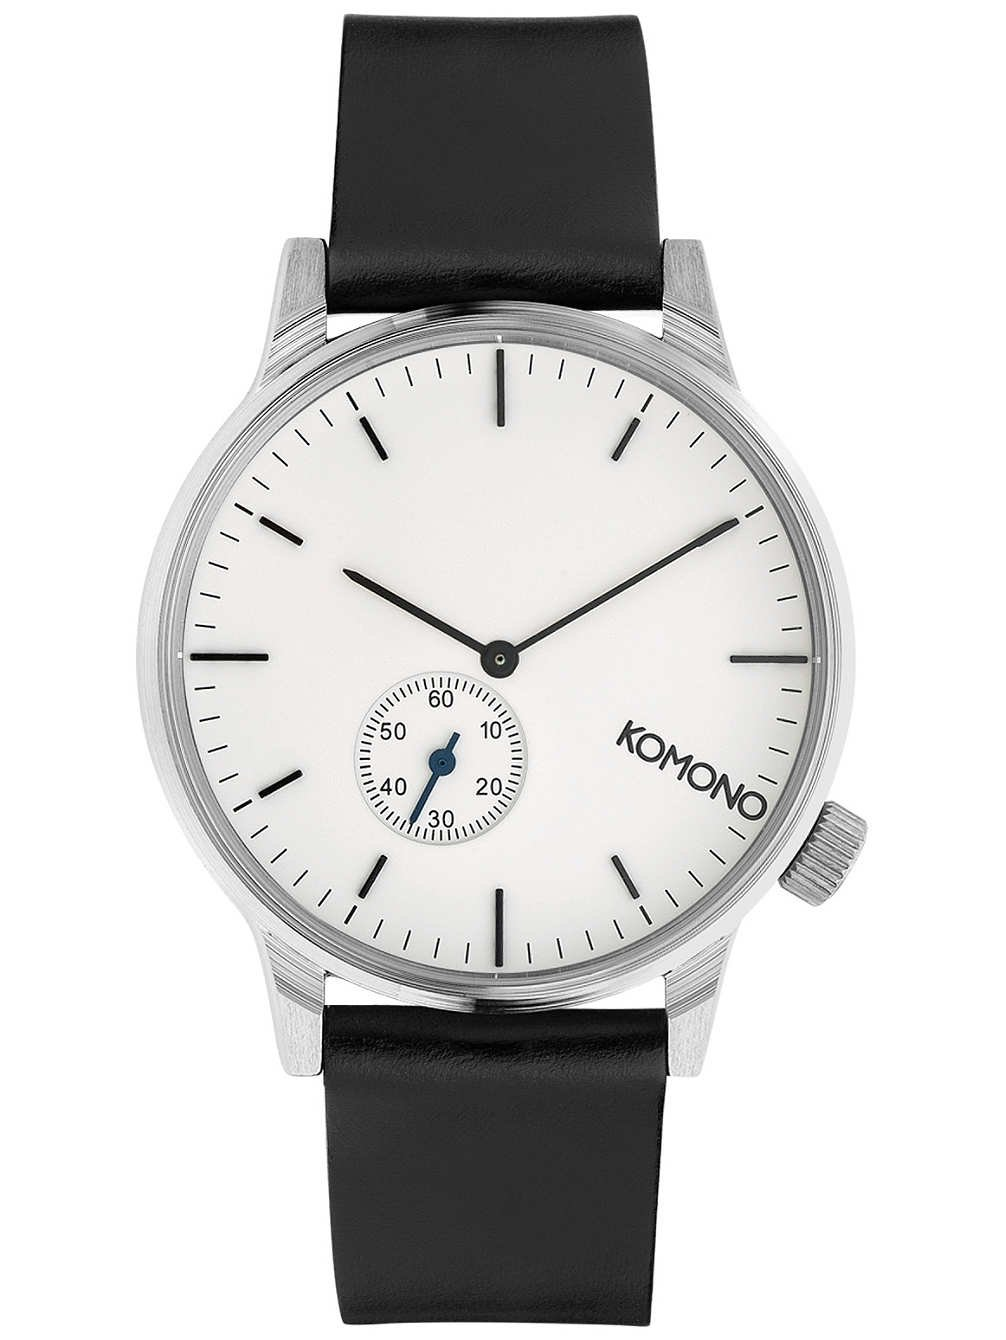 Komono Reloj de Pulsera KOM-W3002